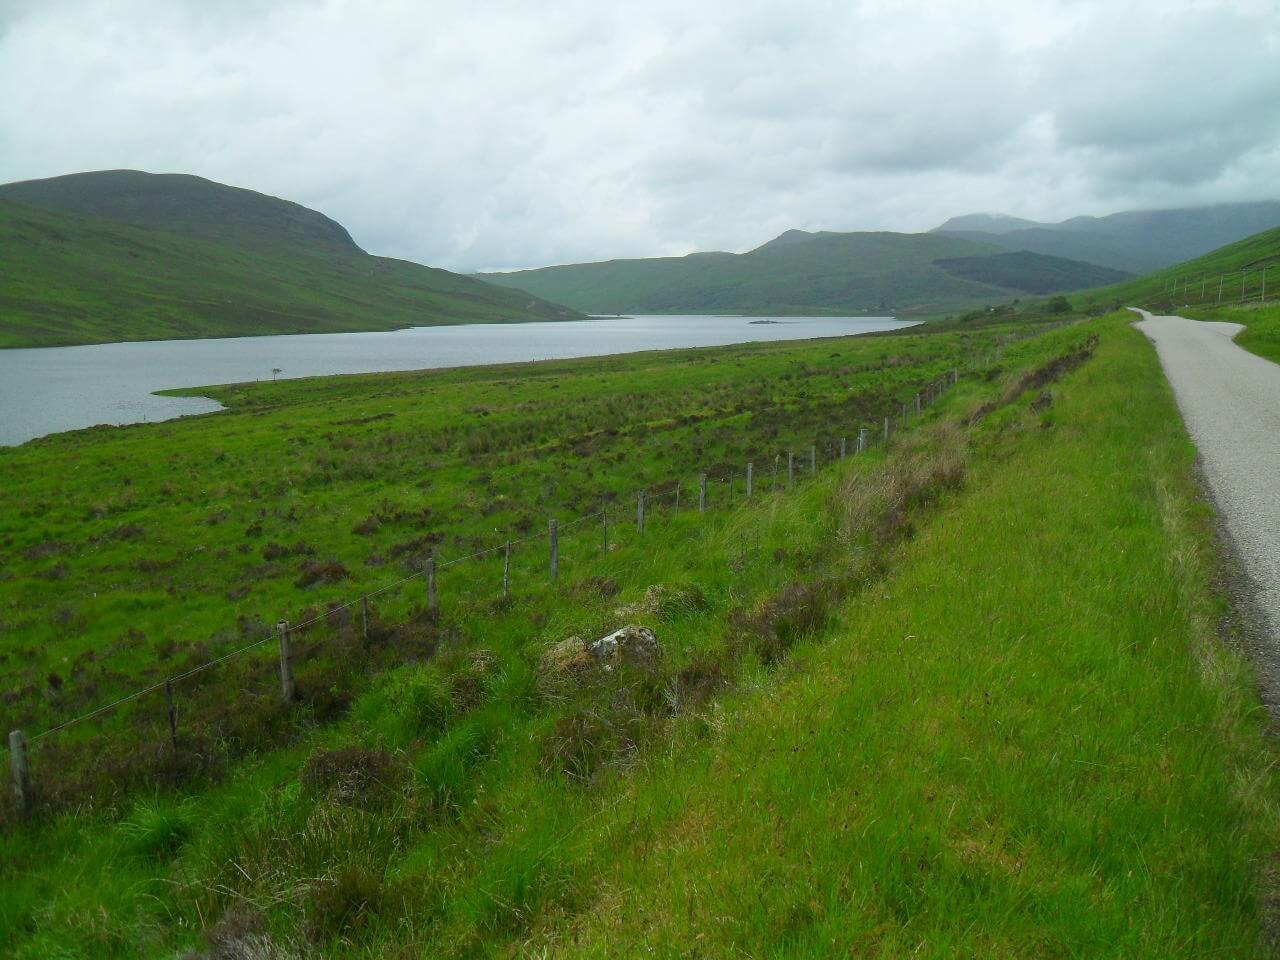 Loch Merkland entlang auf einsamer Singletrack-Road. Am Ende des Lochs beginnt die 33km lange Bealach-Horn-Schleife, Wende- und Höhepunkt des HTR